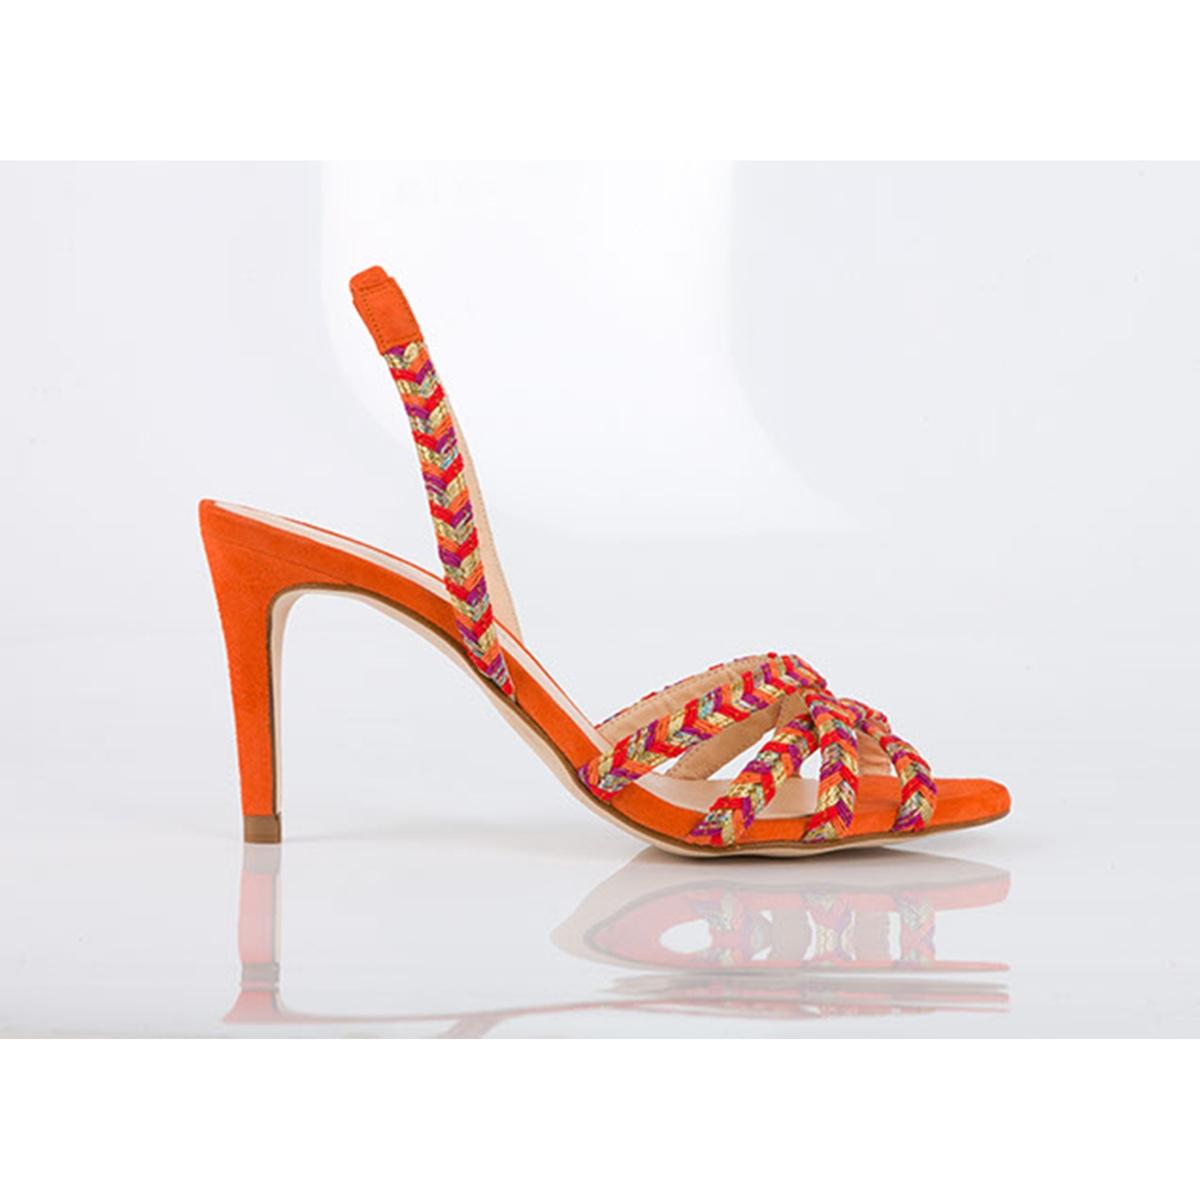 Босоножки BeautifulВерх : текстиль   Подкладка : кожа   Стелька : кожа   Подошва : синтетика   Высота каблука : 8,5 см   Форма каблука : шпилька   Мысок : открытый мысок   Застежка : без застежки<br><br>Цвет: оранжевый